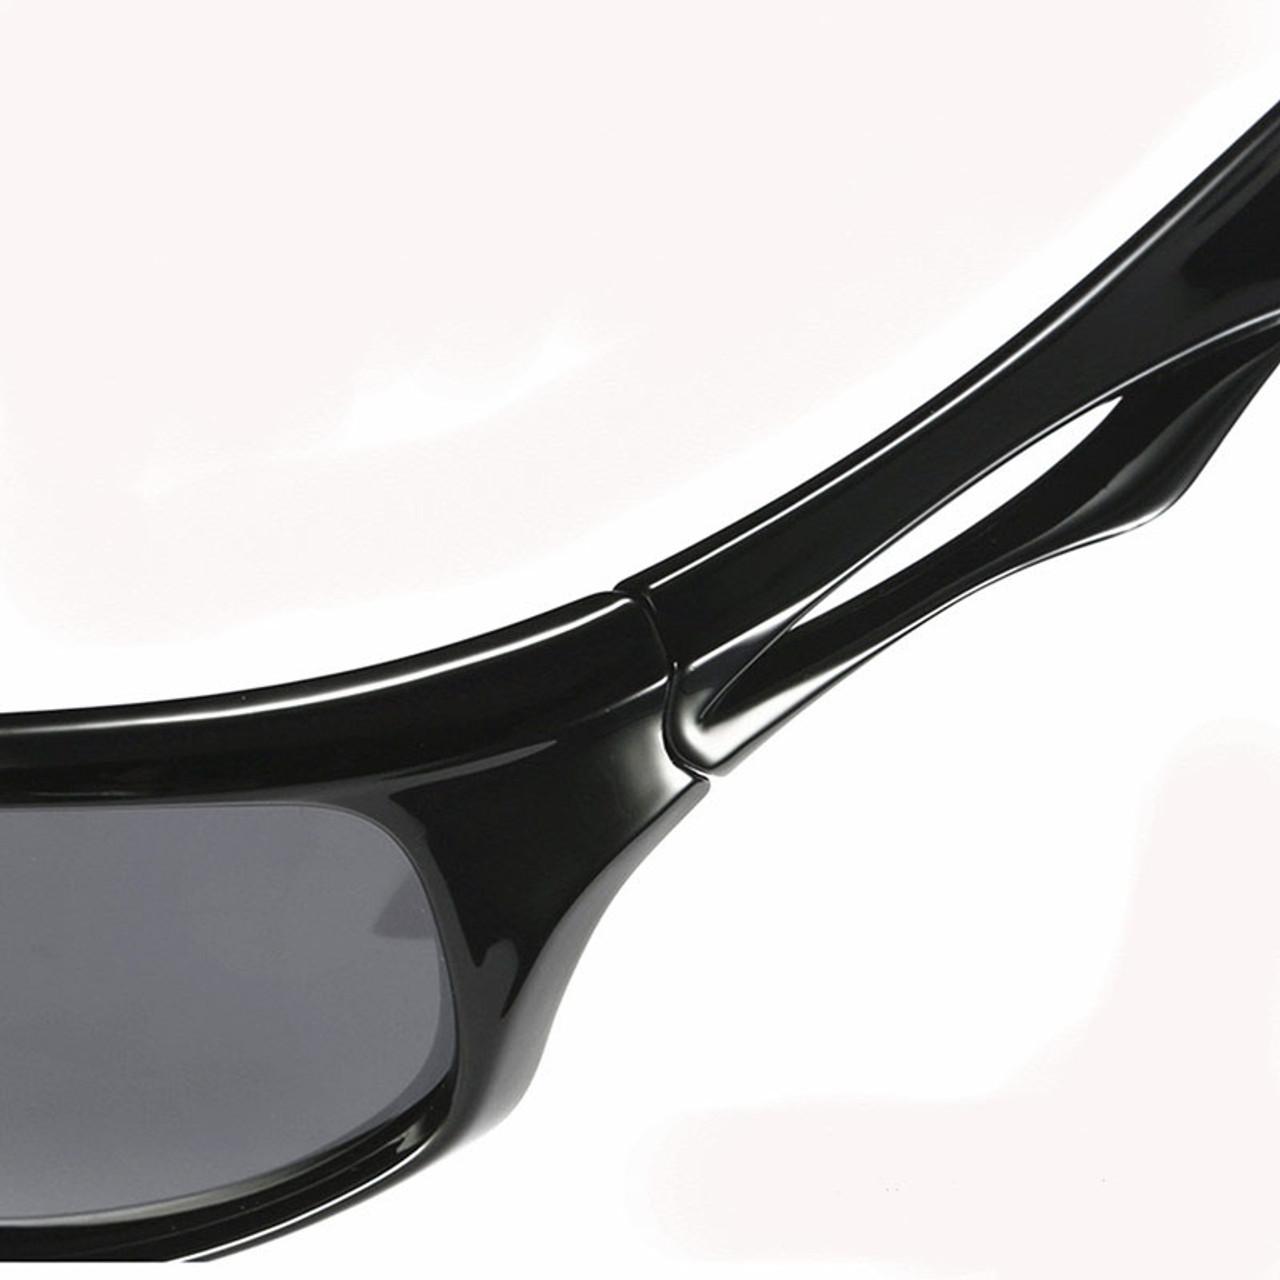 43faf1eebb74 ... ZYXXSX Sunglasses New TR90 Vintage Driving Goggles Sun Glasses Women Oculos  De Sol Masculino Glasses Polarized ...